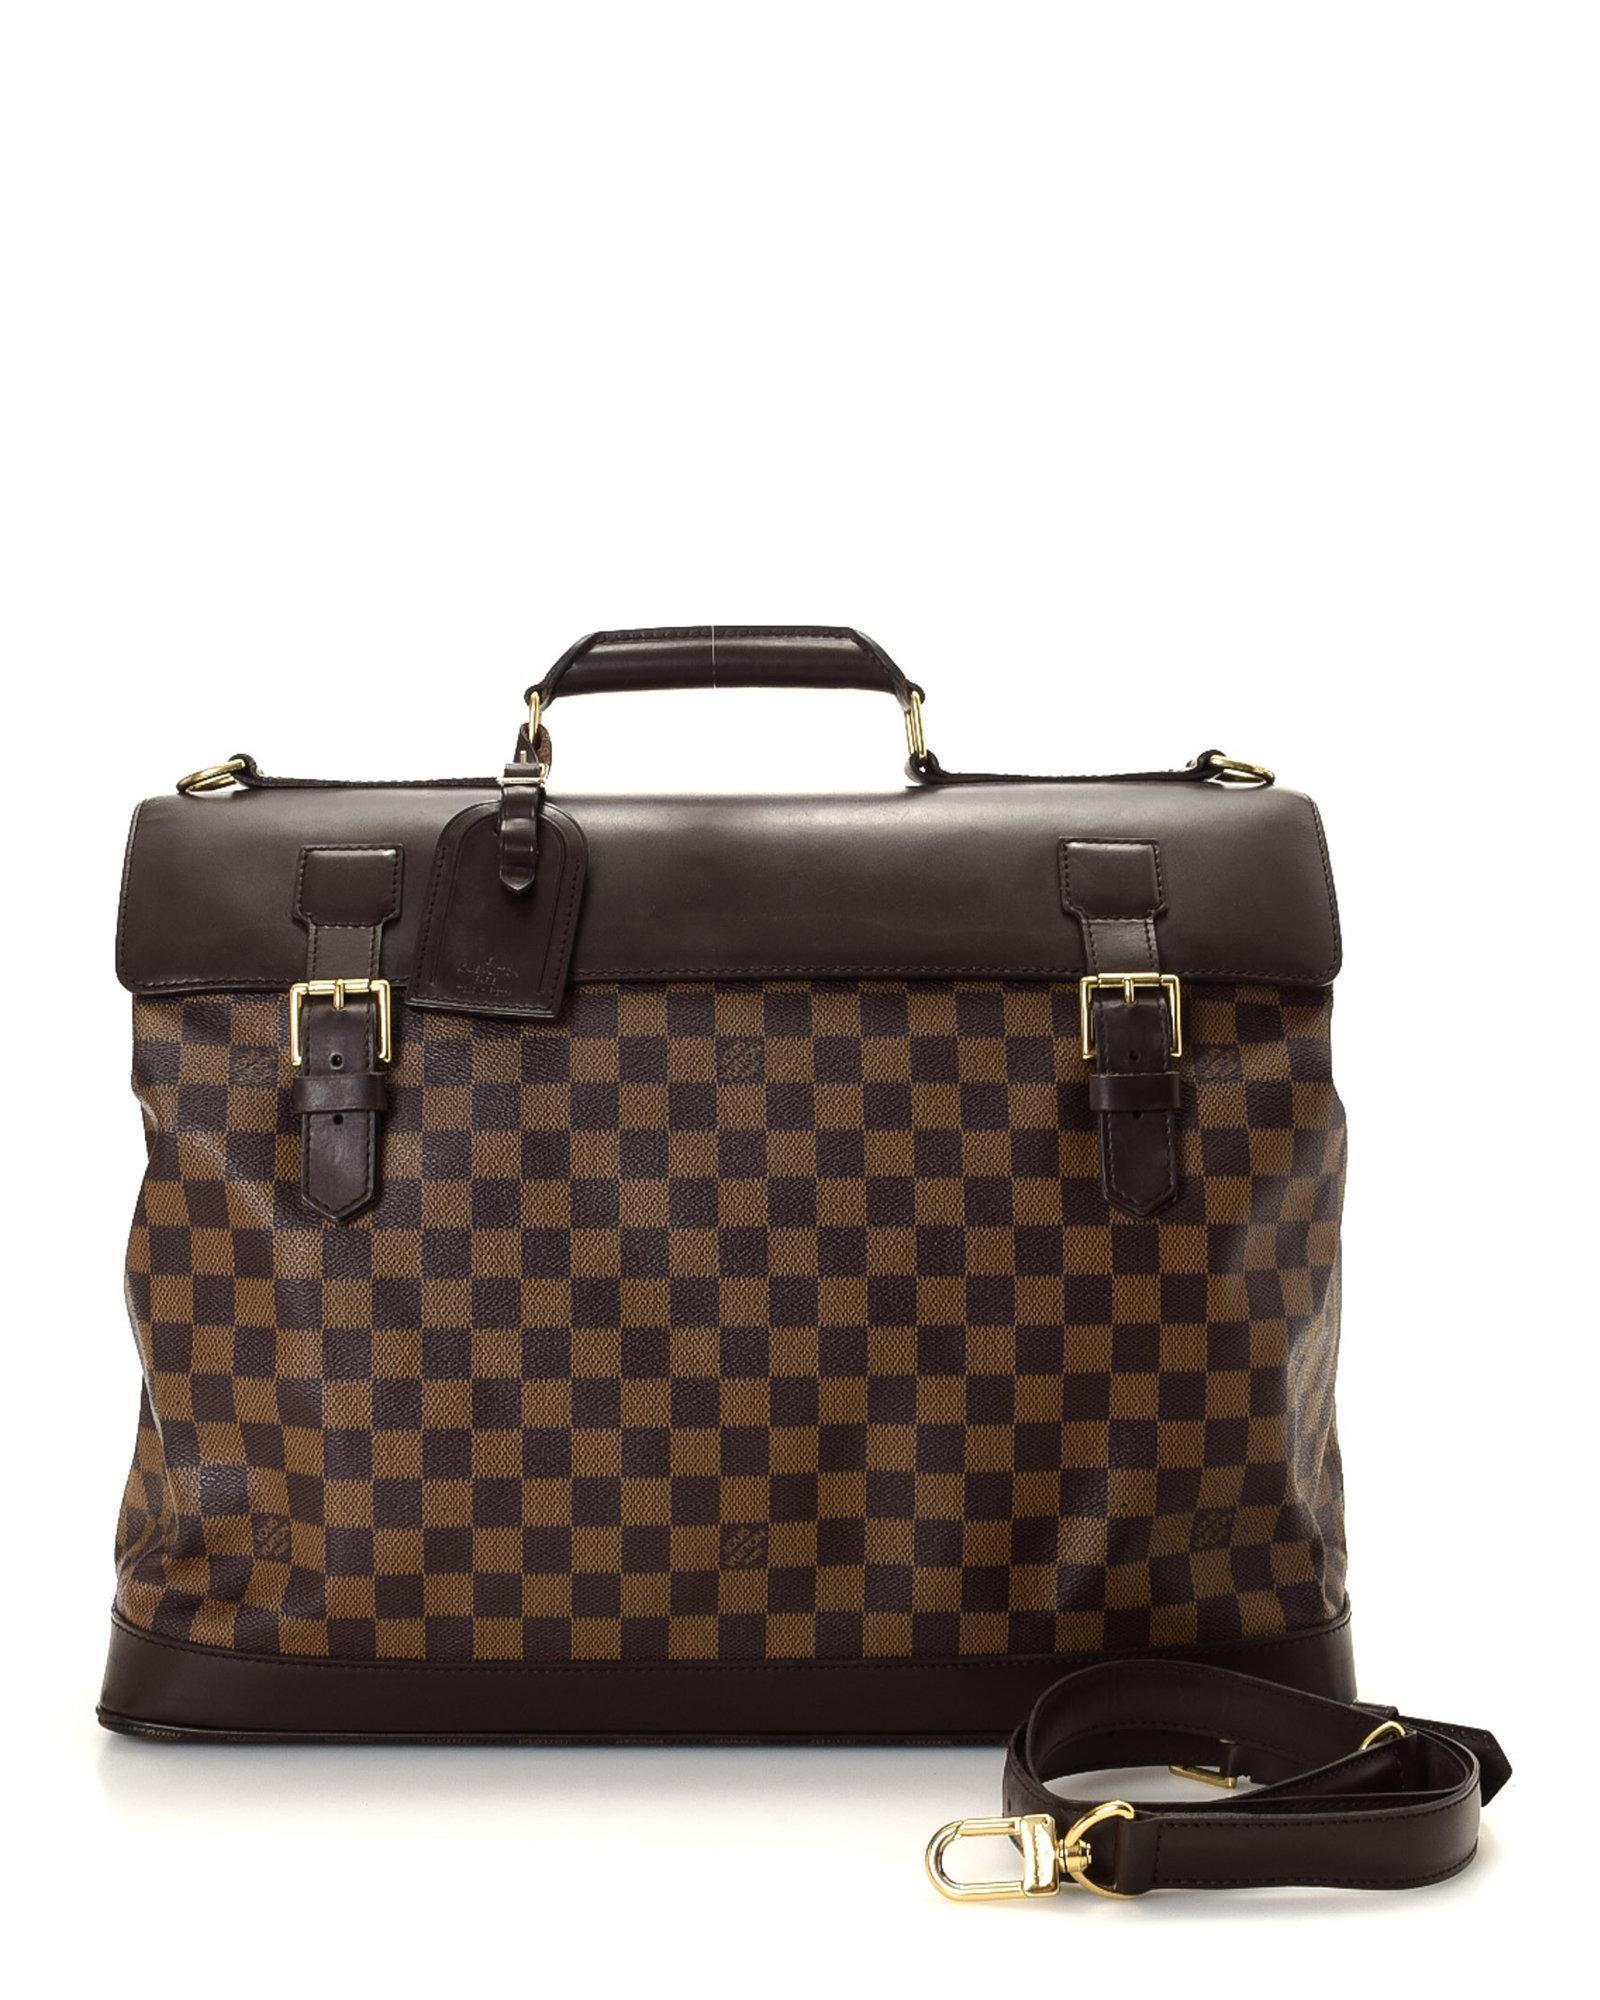 5d9c0c0d6de6 Lyst - Louis Vuitton West End Gm Travel Bag - Vintage in Brown